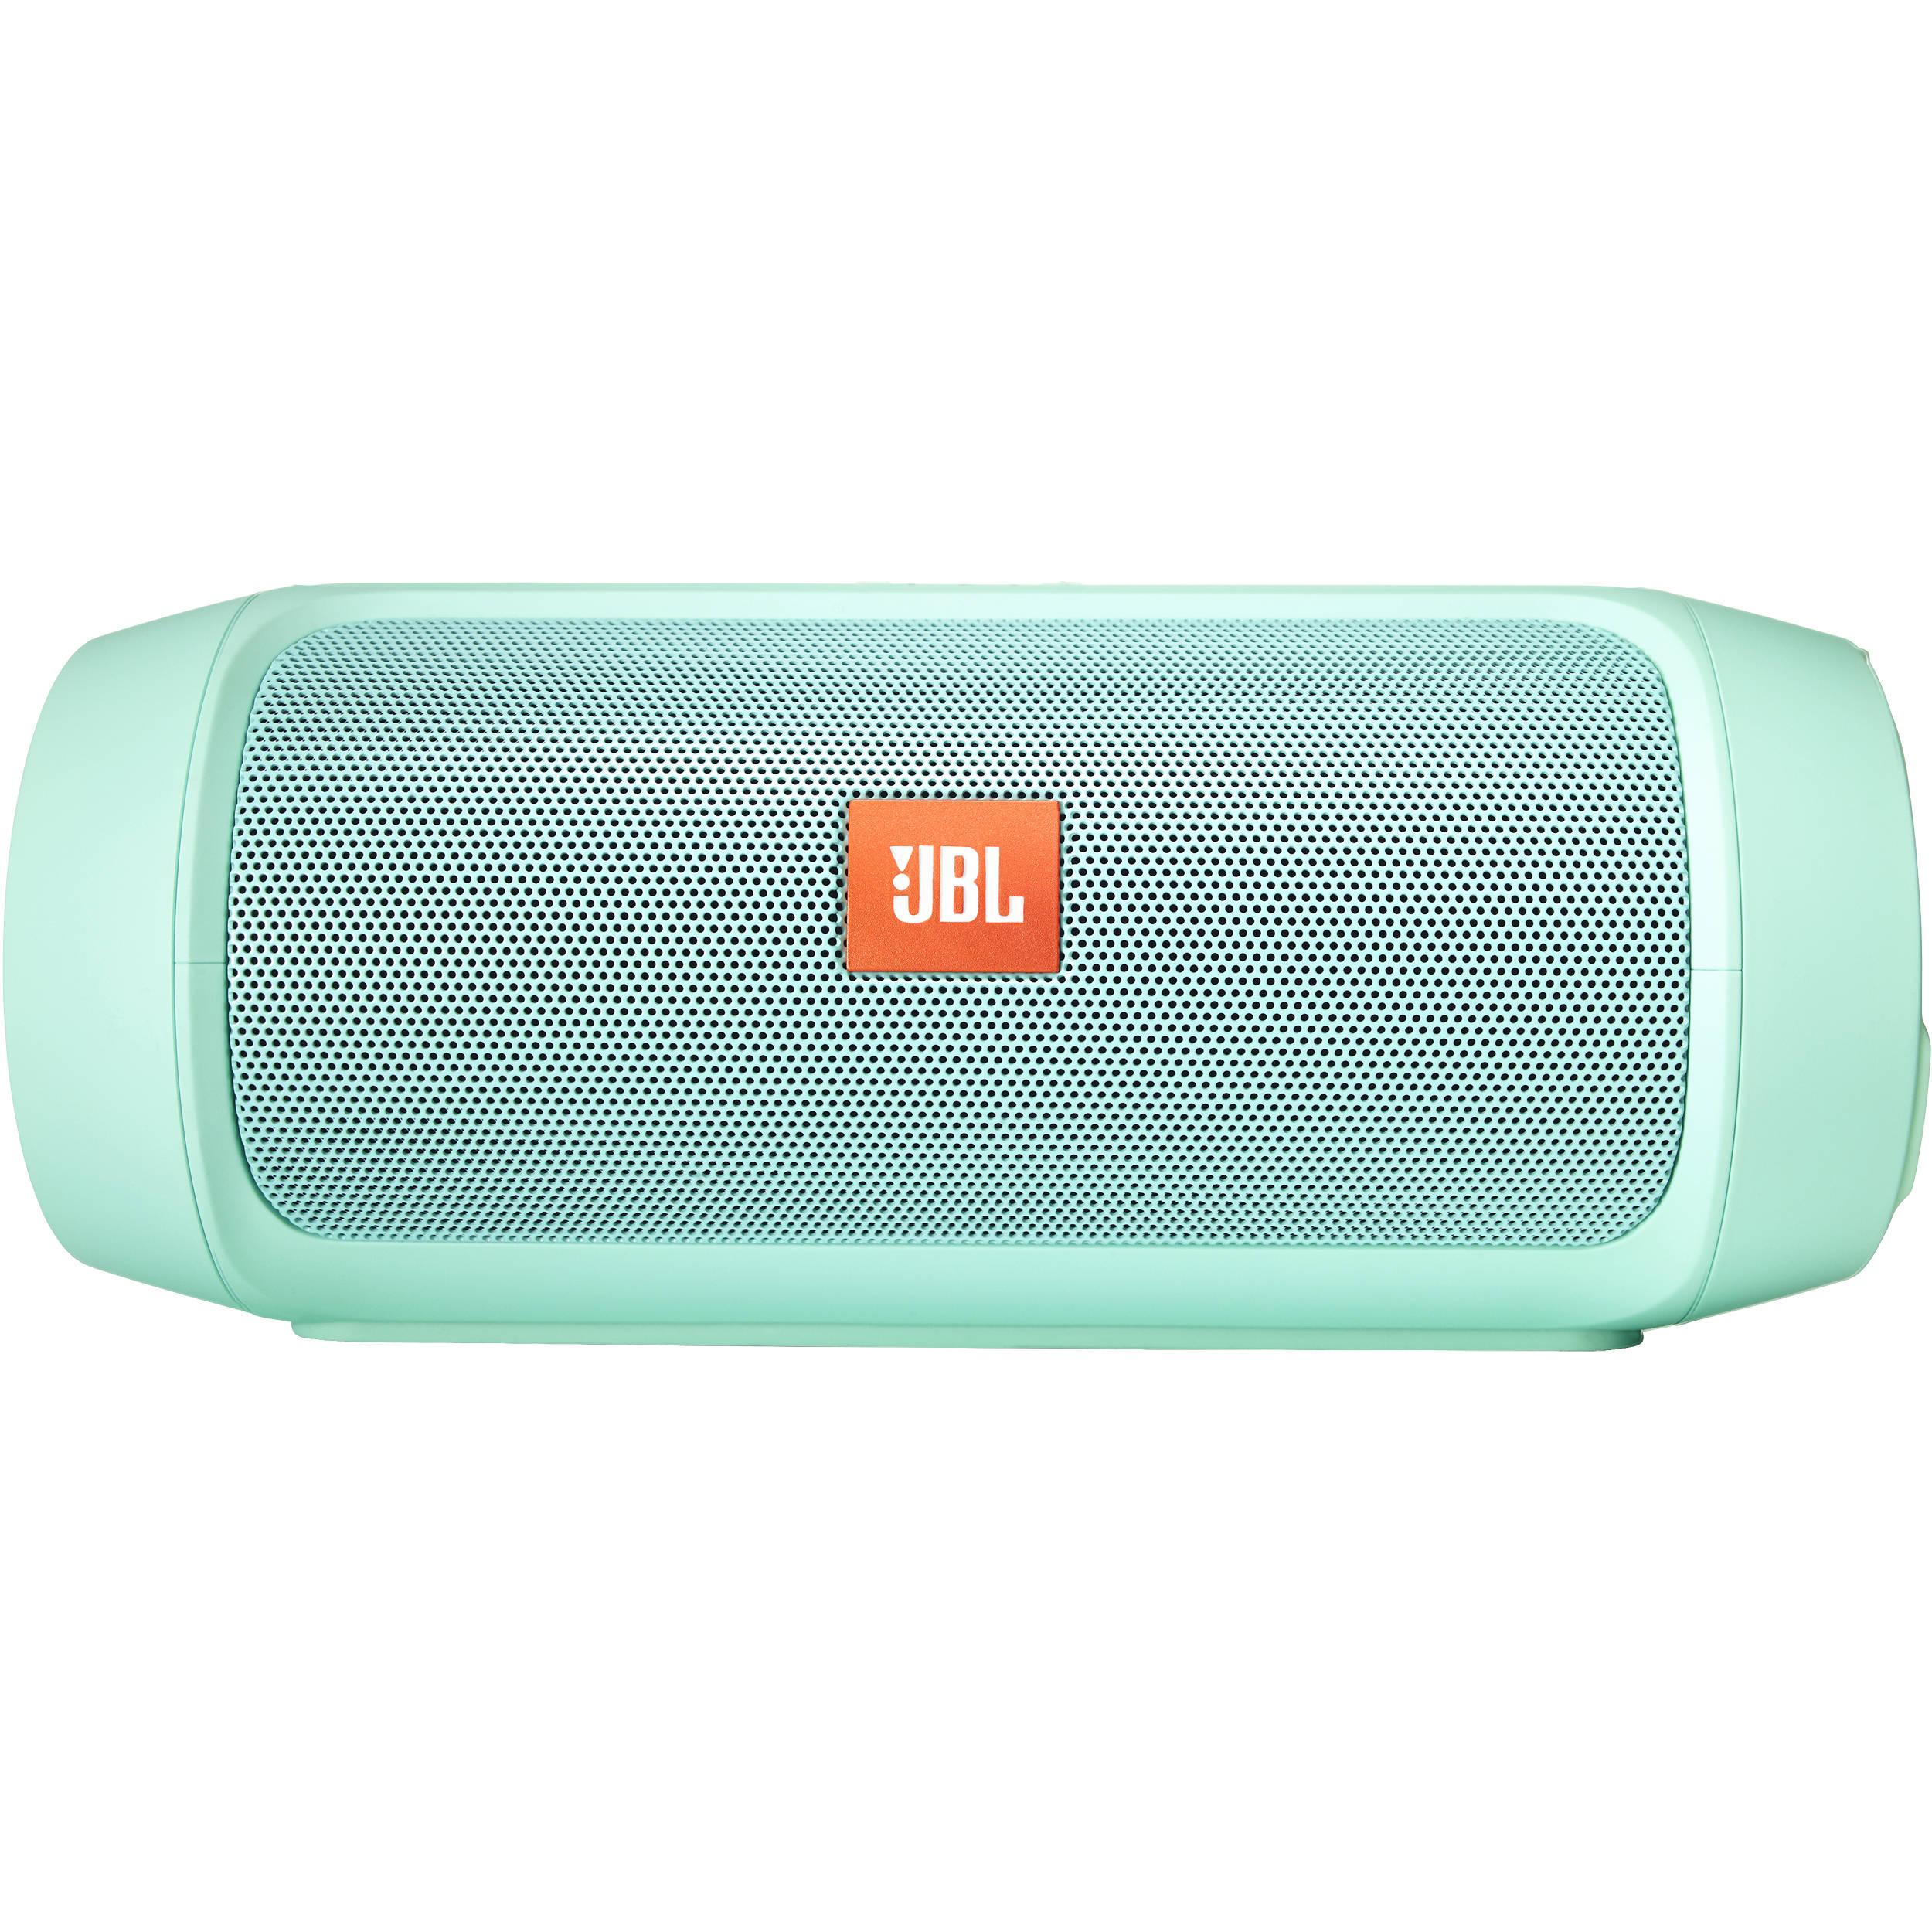 jbl charge 2 portable stereo speaker teal. Black Bedroom Furniture Sets. Home Design Ideas